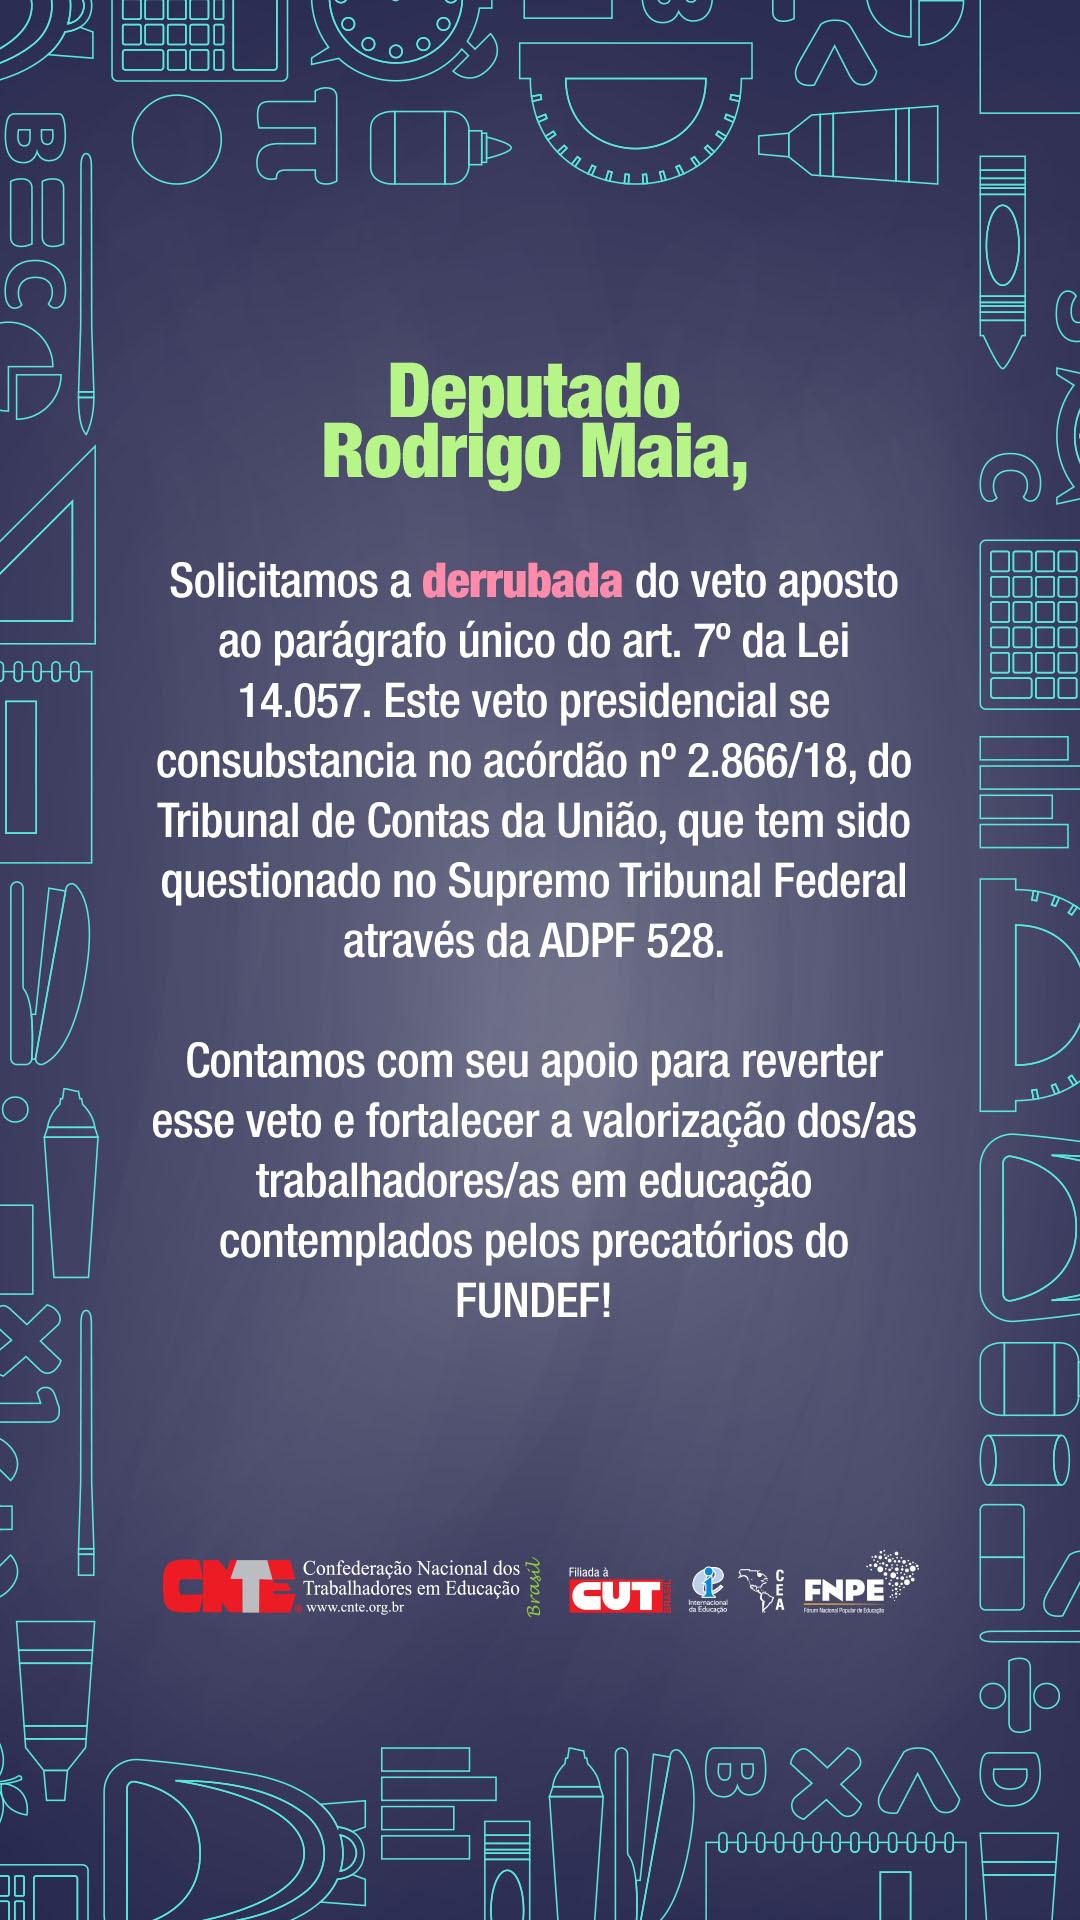 cnte derrubada vetos precatoriosDep Rodrigo Maia Emailmkt2